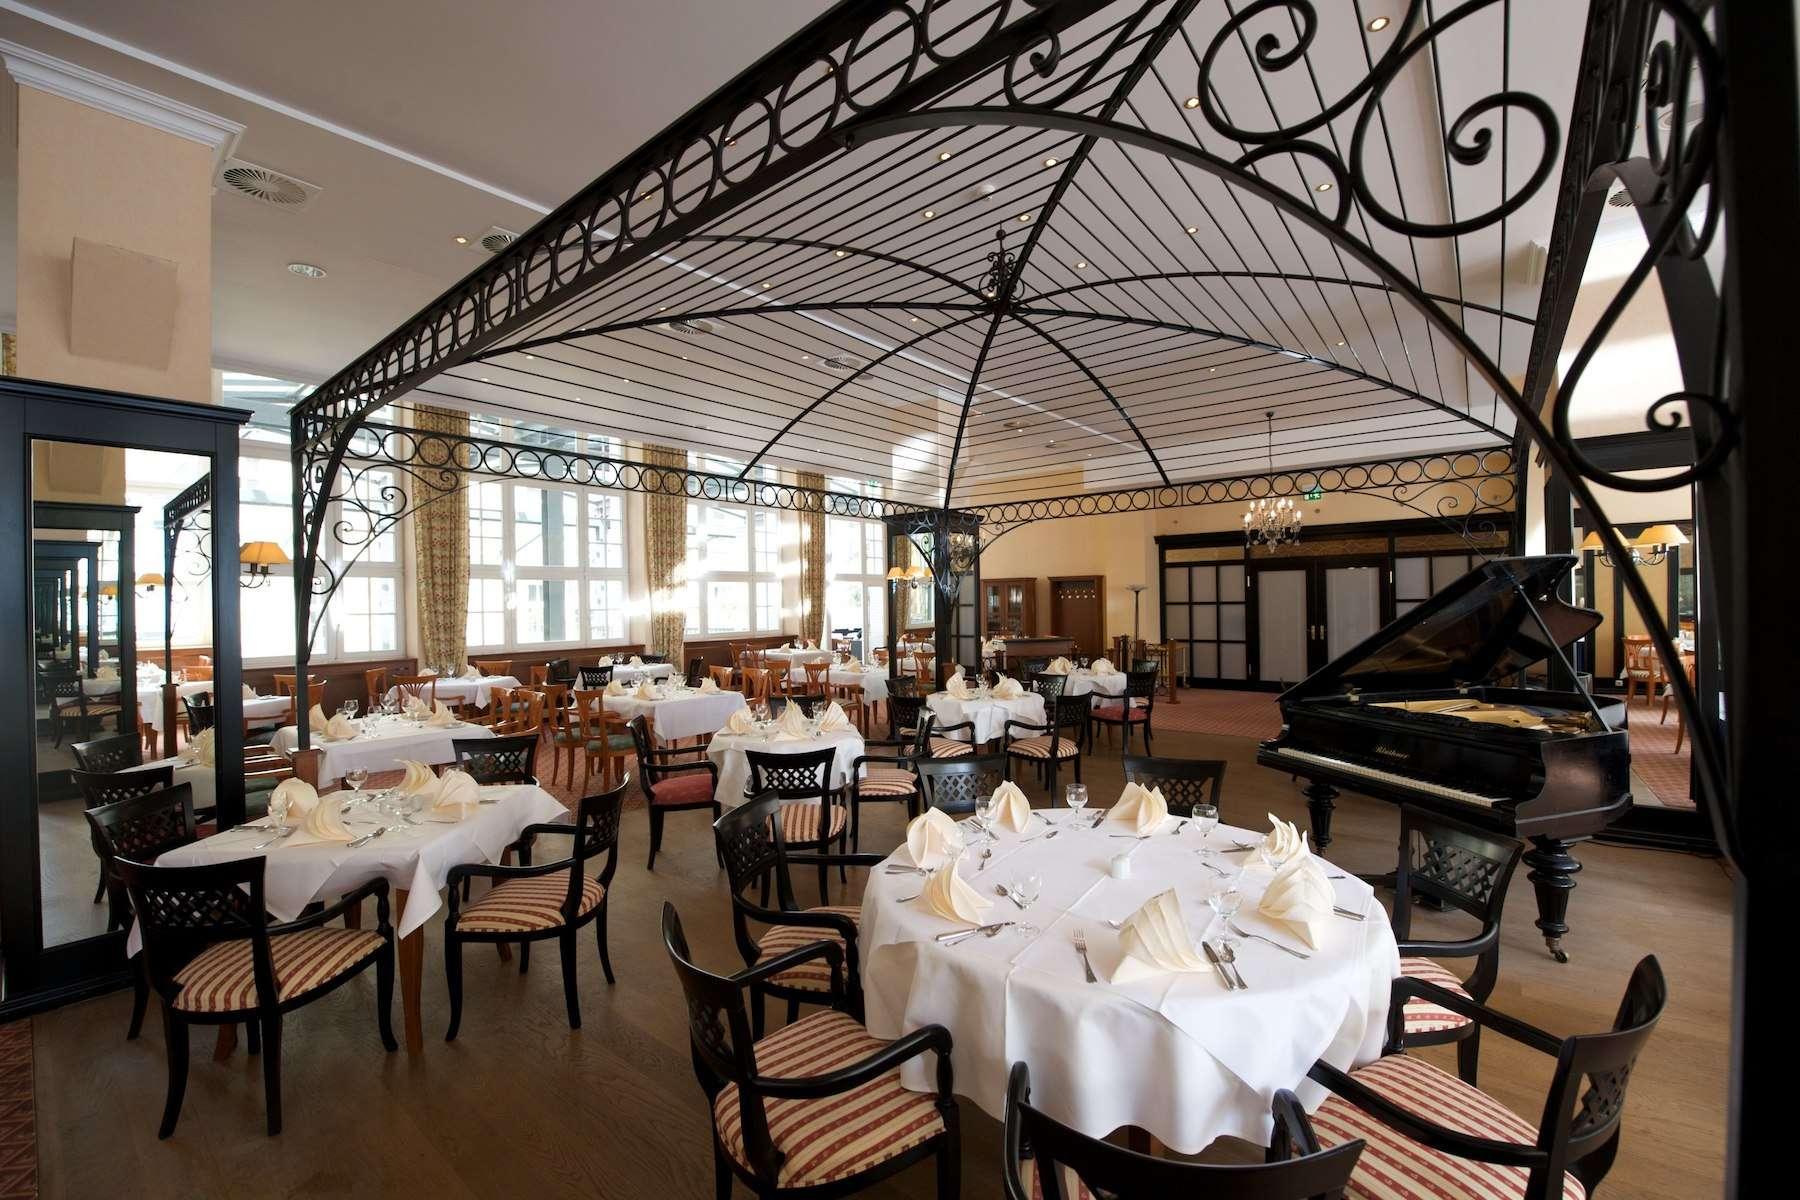 47809_restaurant_1.jpg